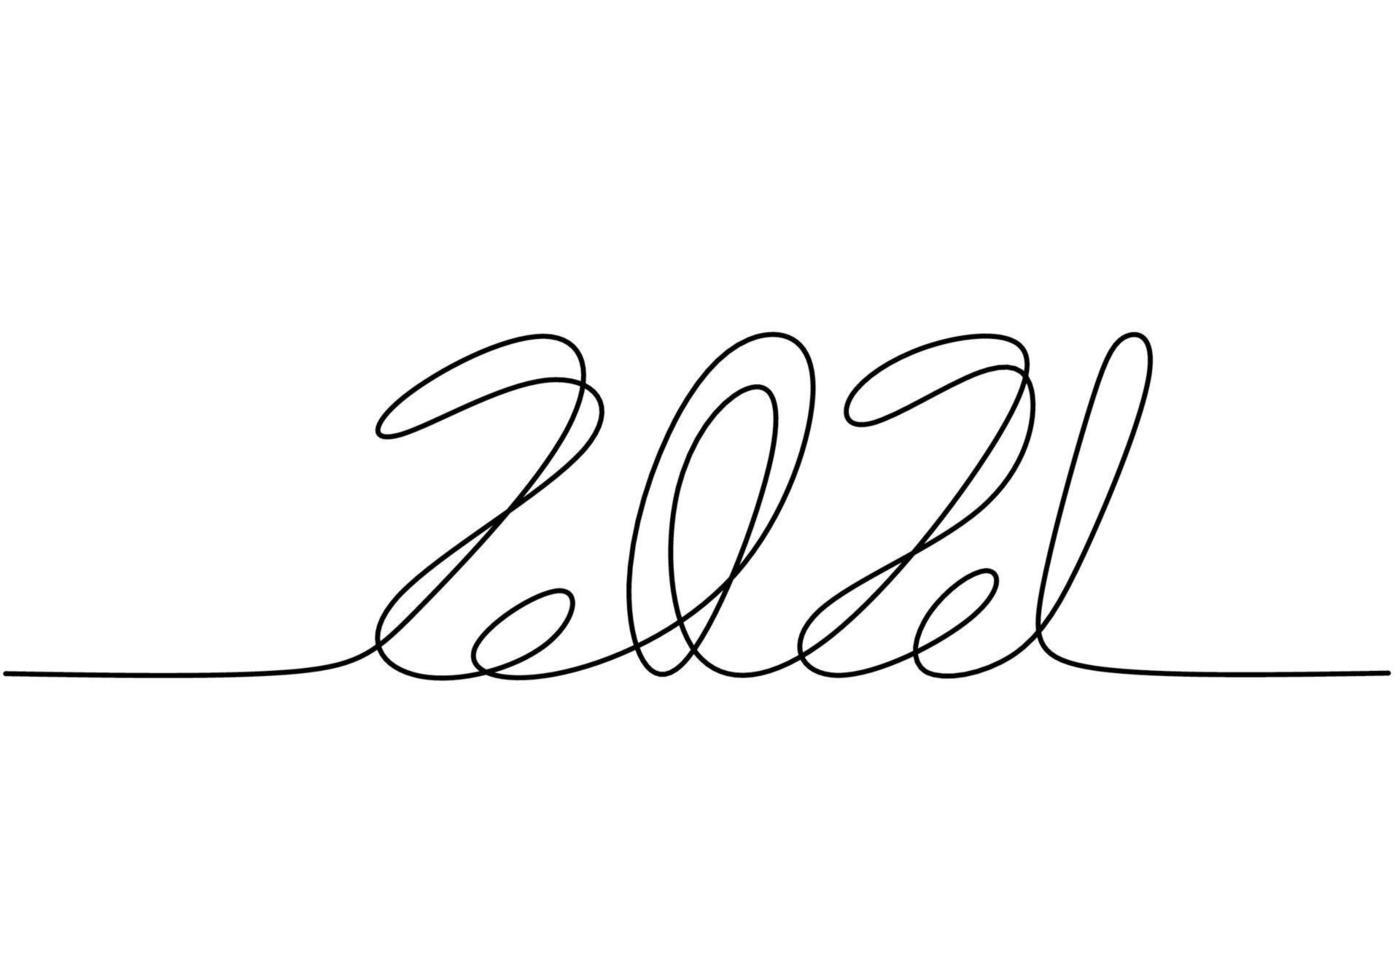 contínuo um desenho de linha de um ano novo 2021. ano novo chinês da rotulação manuscrita do touro. conceito de celebração de ano novo isolado no fundo branco. ilustração de desenho vetorial vetor